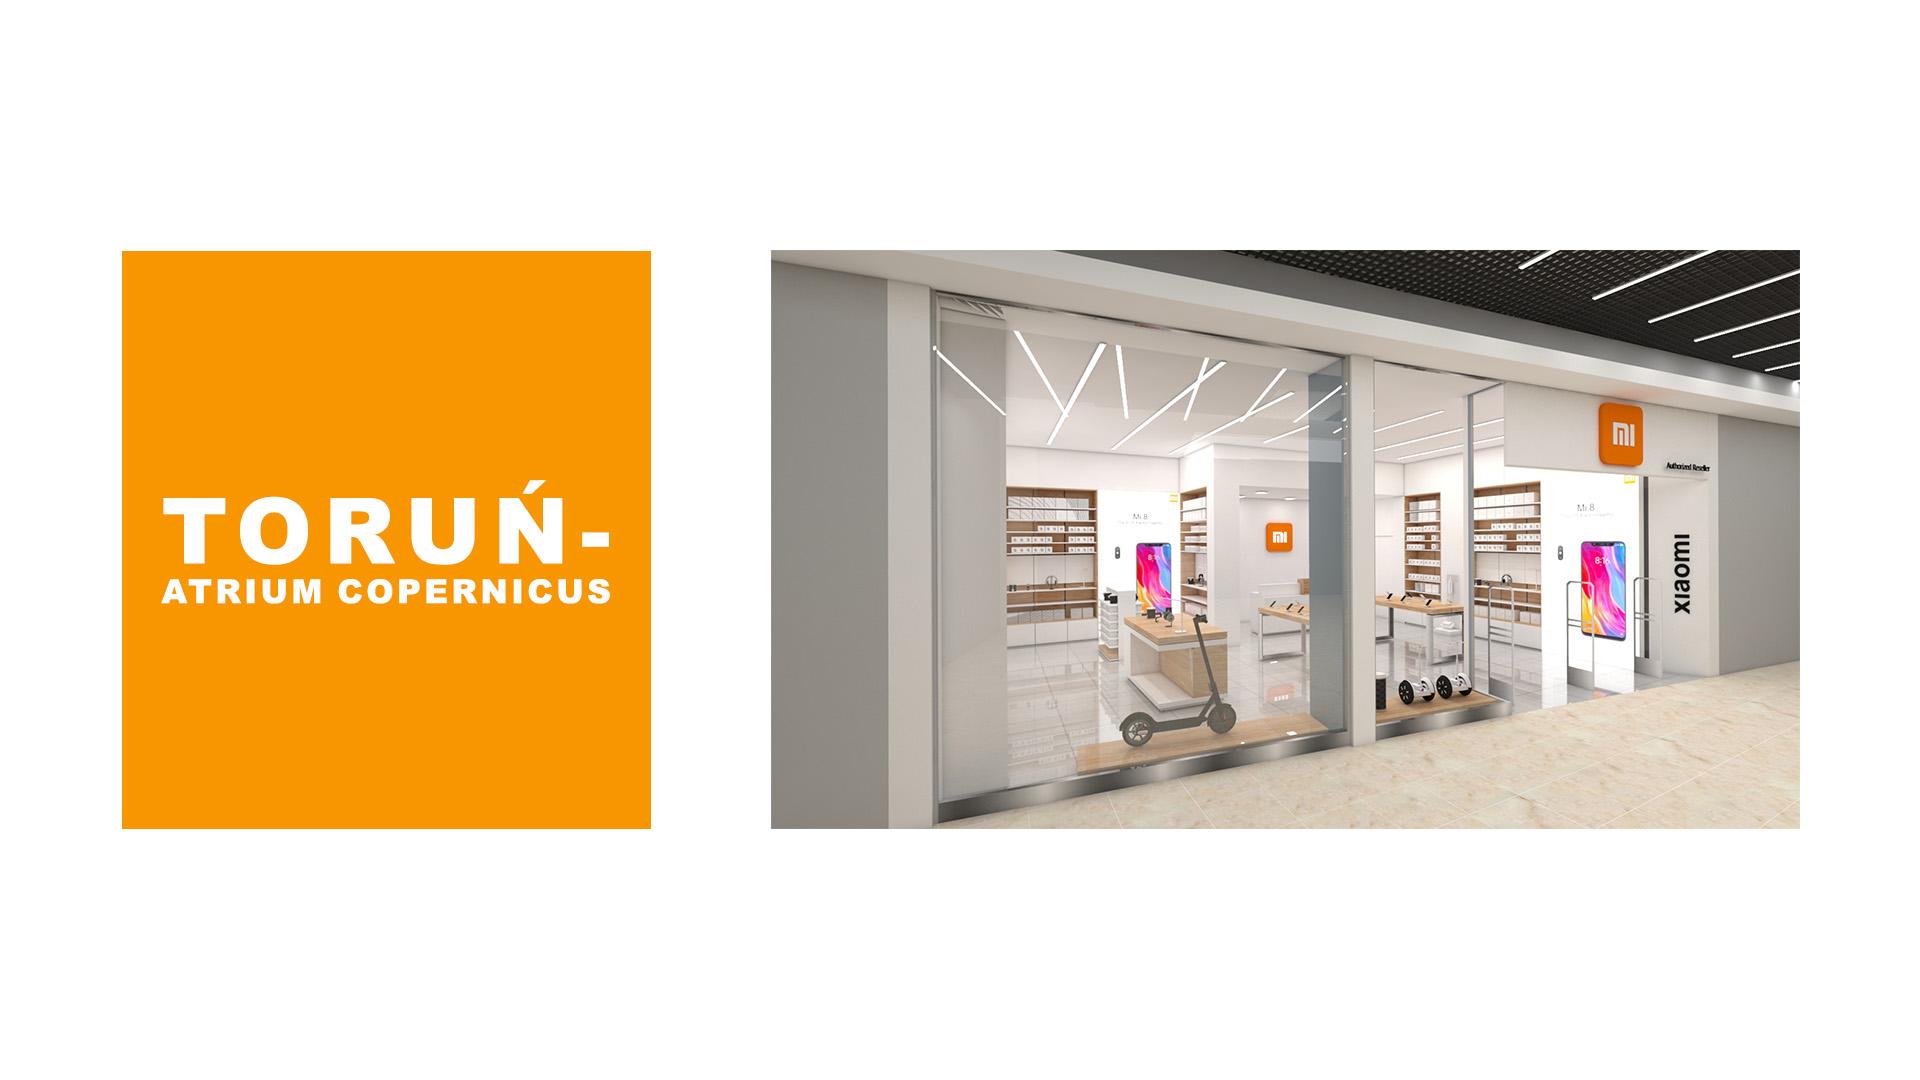 Mi-Store - Toruń - Atrium Copernicus